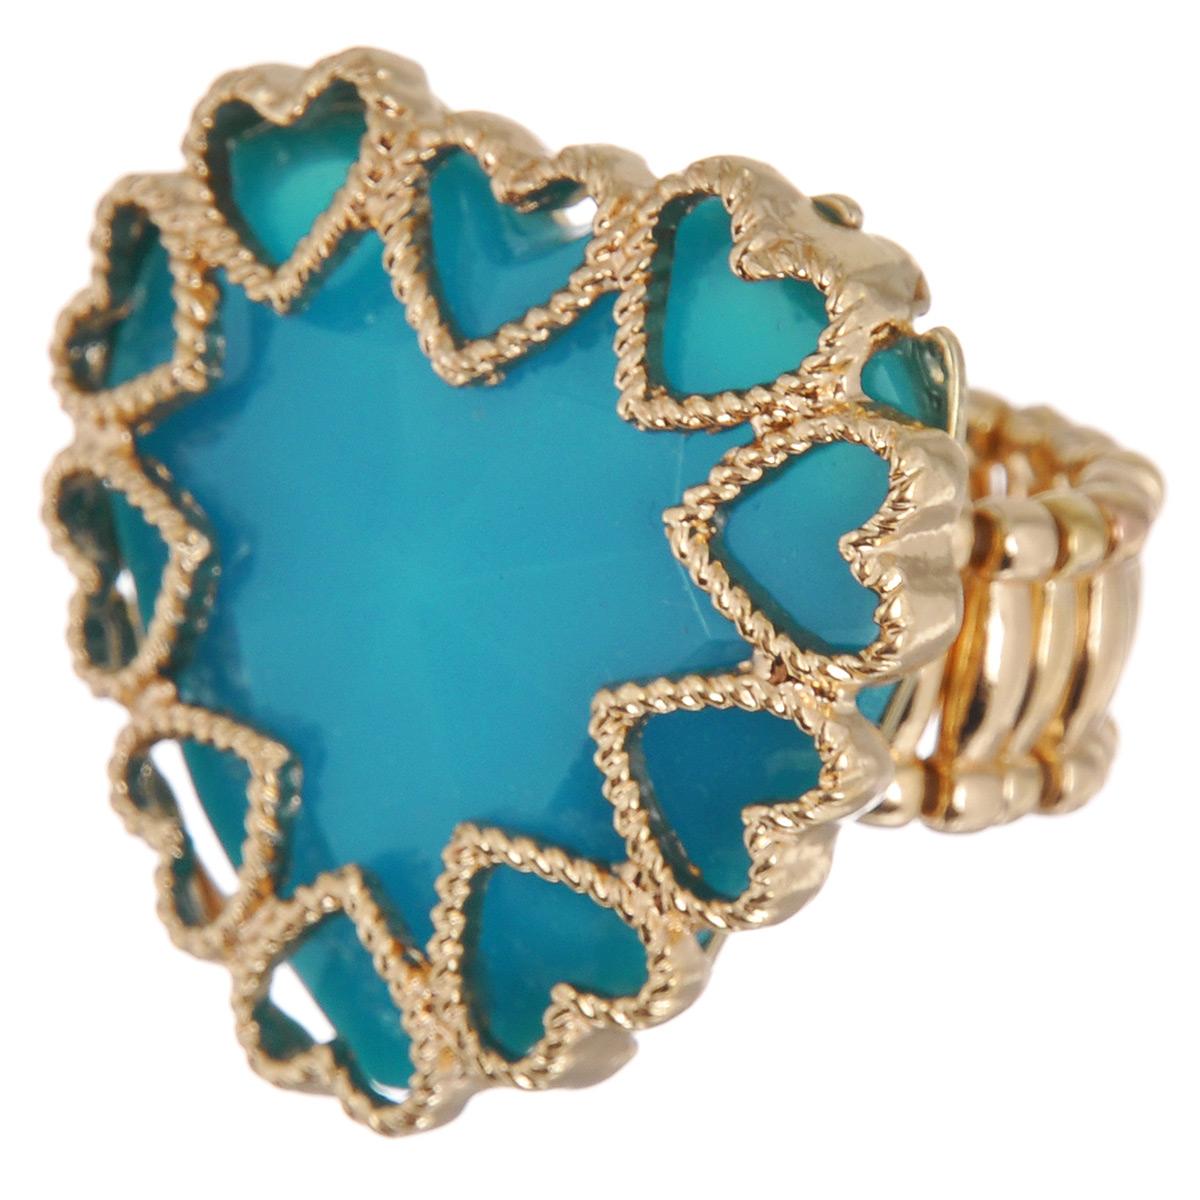 Кольцо Avgad, цвет: золотистый, голубой. EA178JW183EA178JW183Оригинальное кольцо Avgad выполнено из ювелирного сплава в виде сердца. Изделие оформлено вставкой из акрила. Элементы кольца соединены с помощью тонкой резинки, благодаря этому оно легко одевается и снимается. Размер универсальный. Кольцо позволит вам с легкостью воплотить самую смелую фантазию и создать собственный, неповторимый образ.